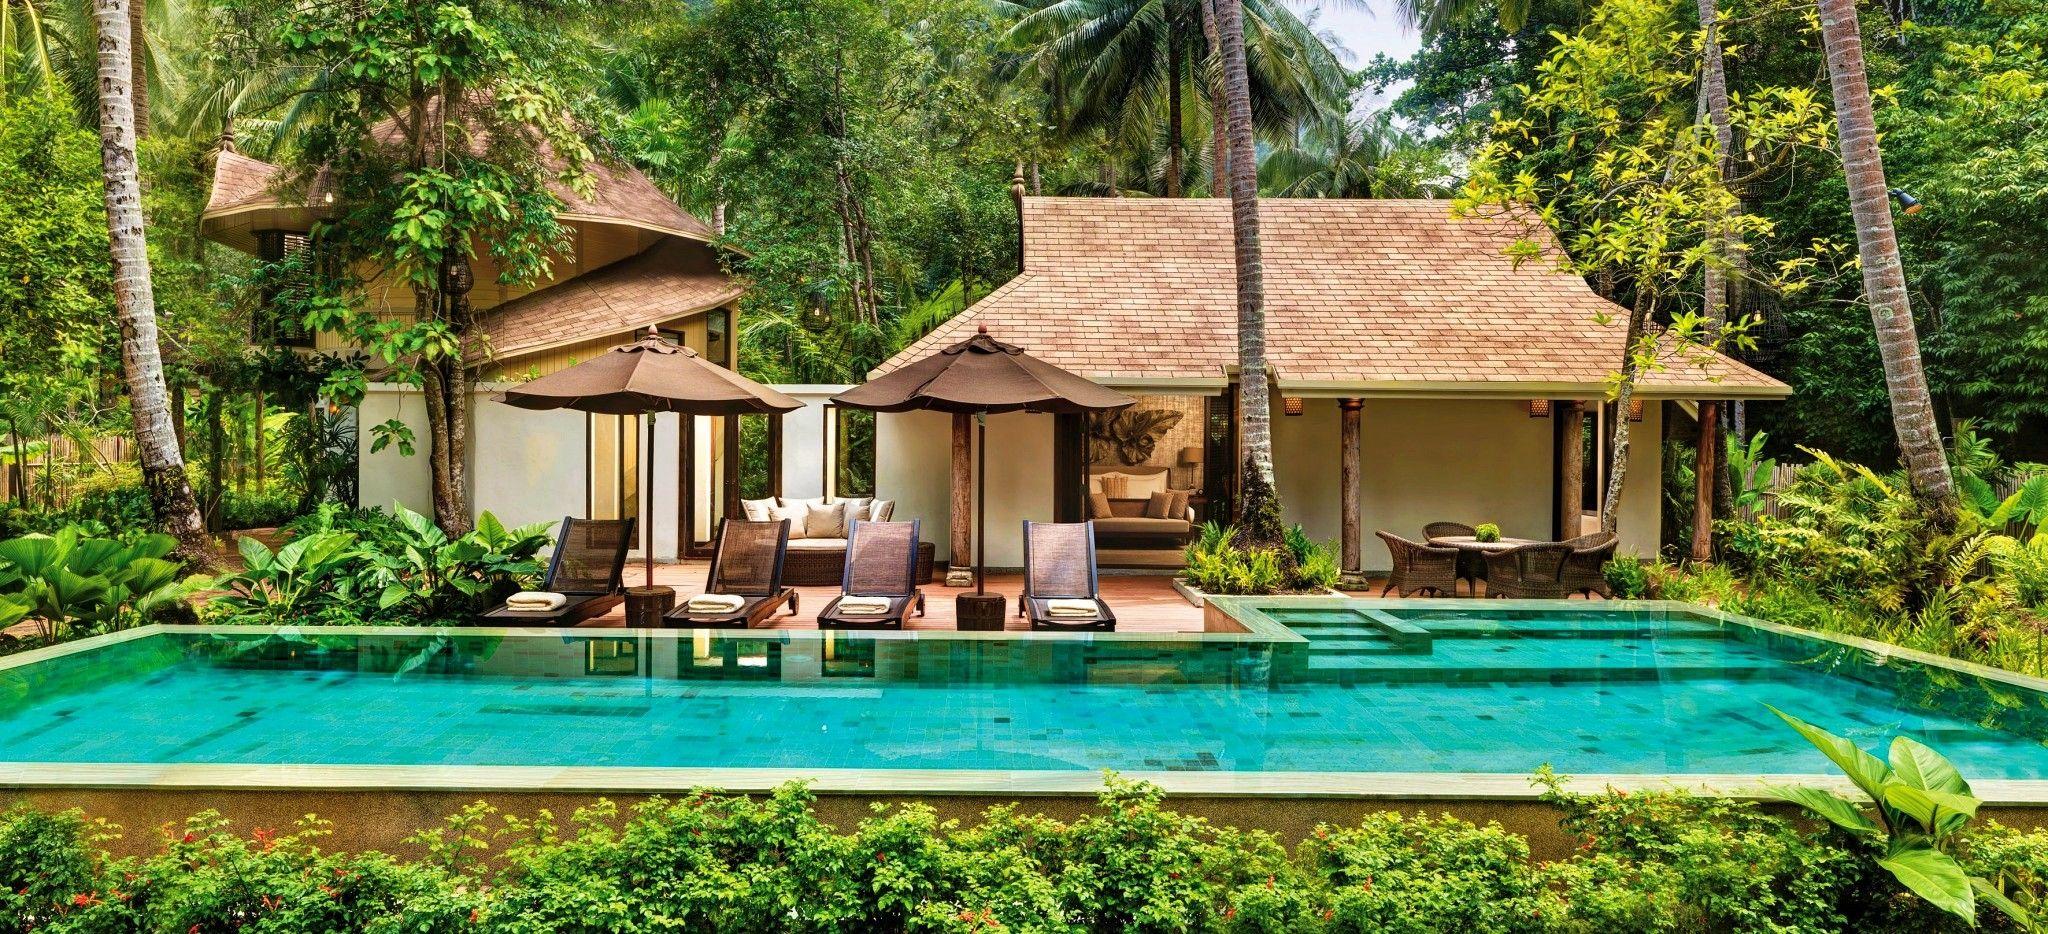 Eine Villa mit einem großen Pool in einem Thailändischen Hotel